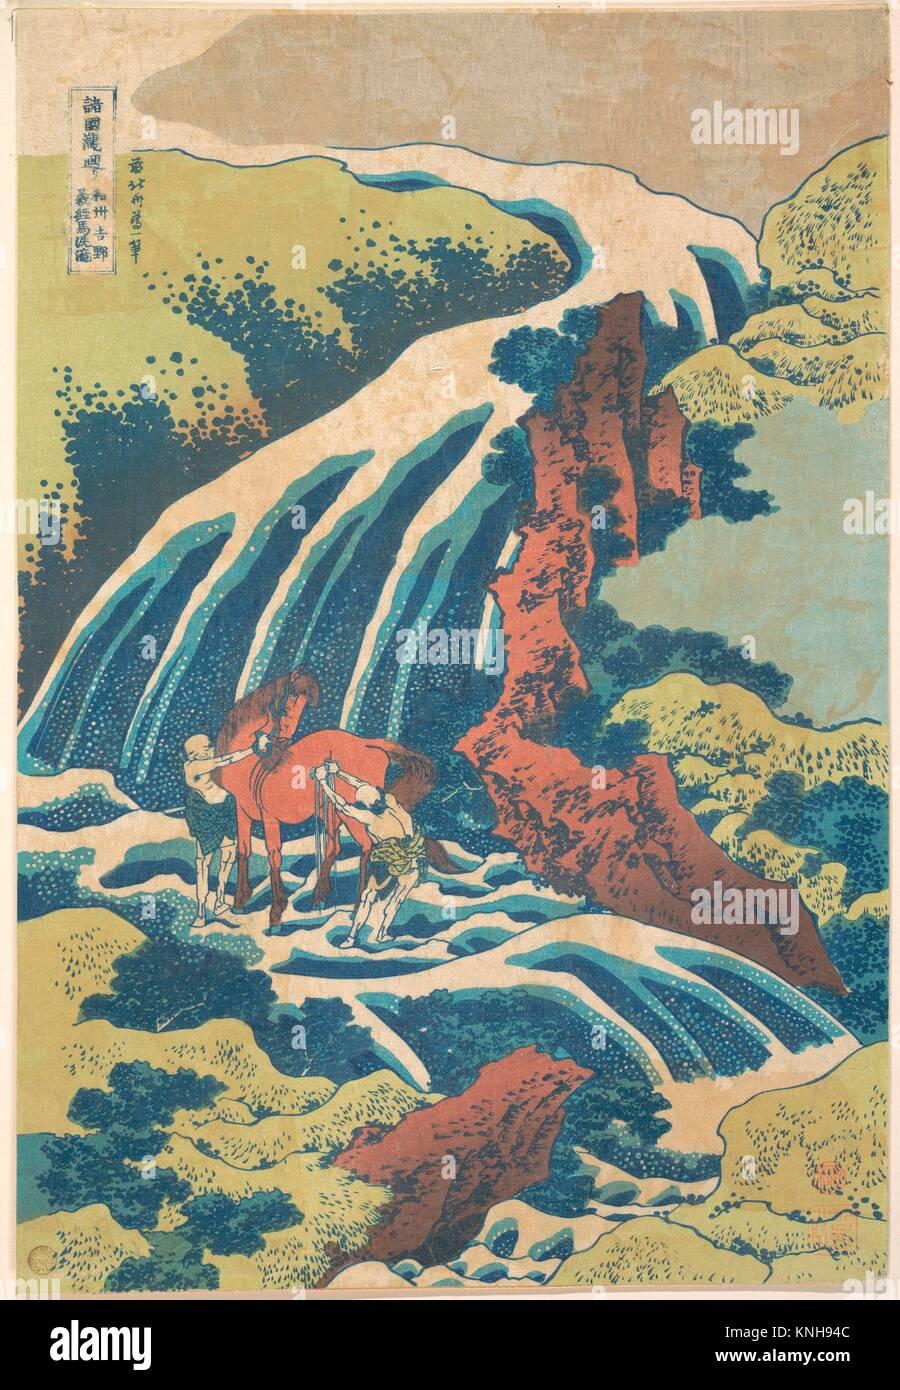 諸國瀧廻リ 和州吉野義経馬洗滝/The - Stock Image